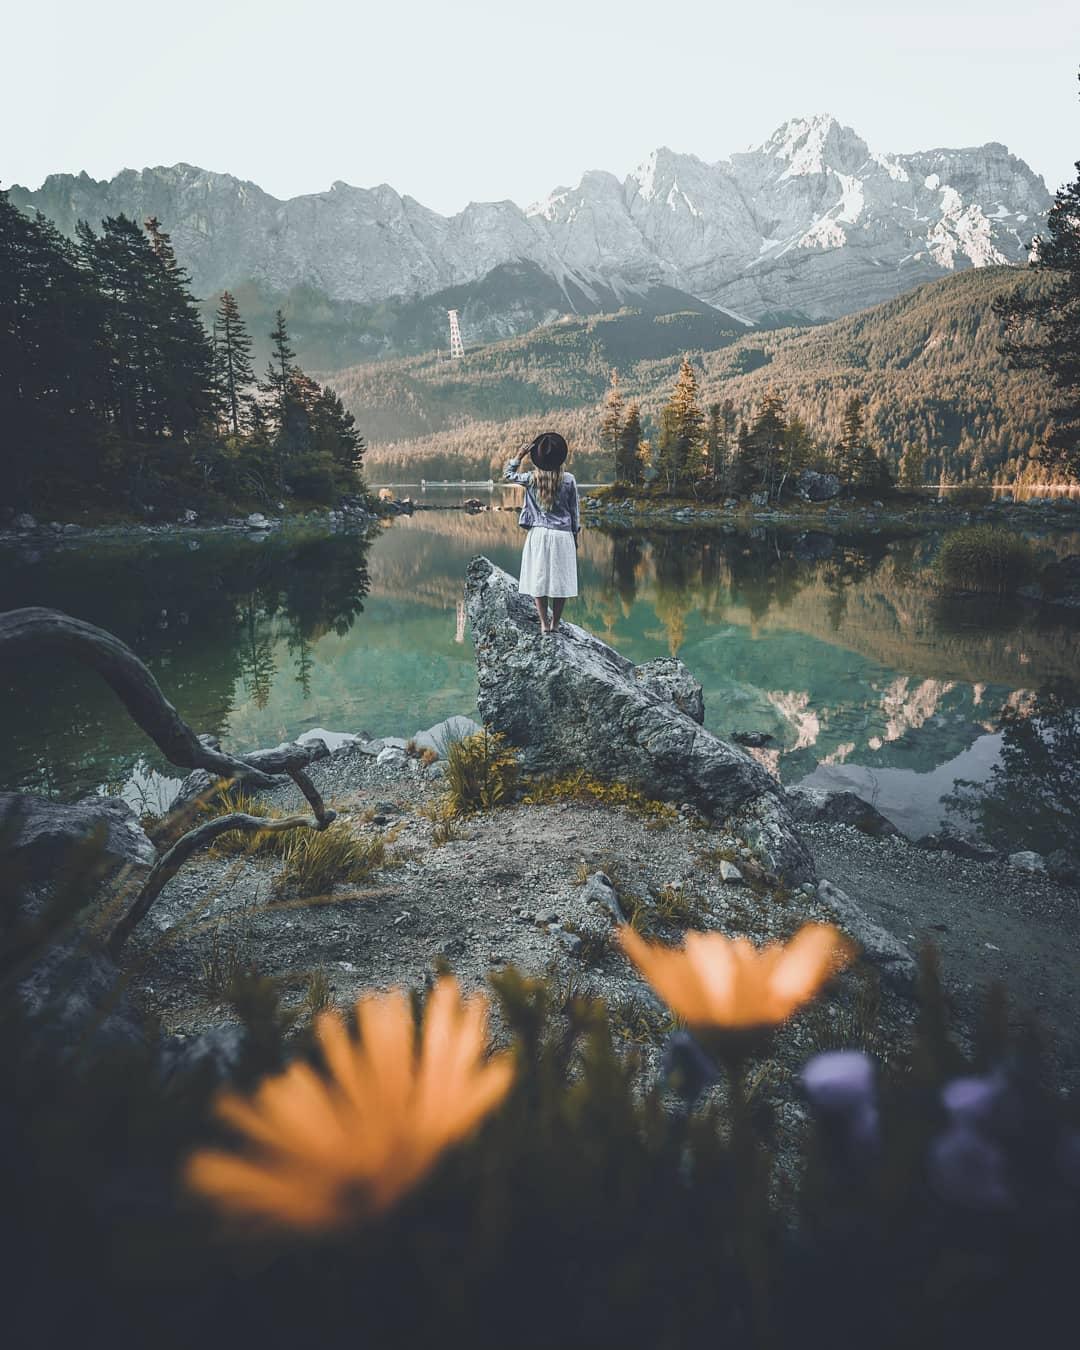 Пейзажи и приключения на снимках Марселя Зиберта